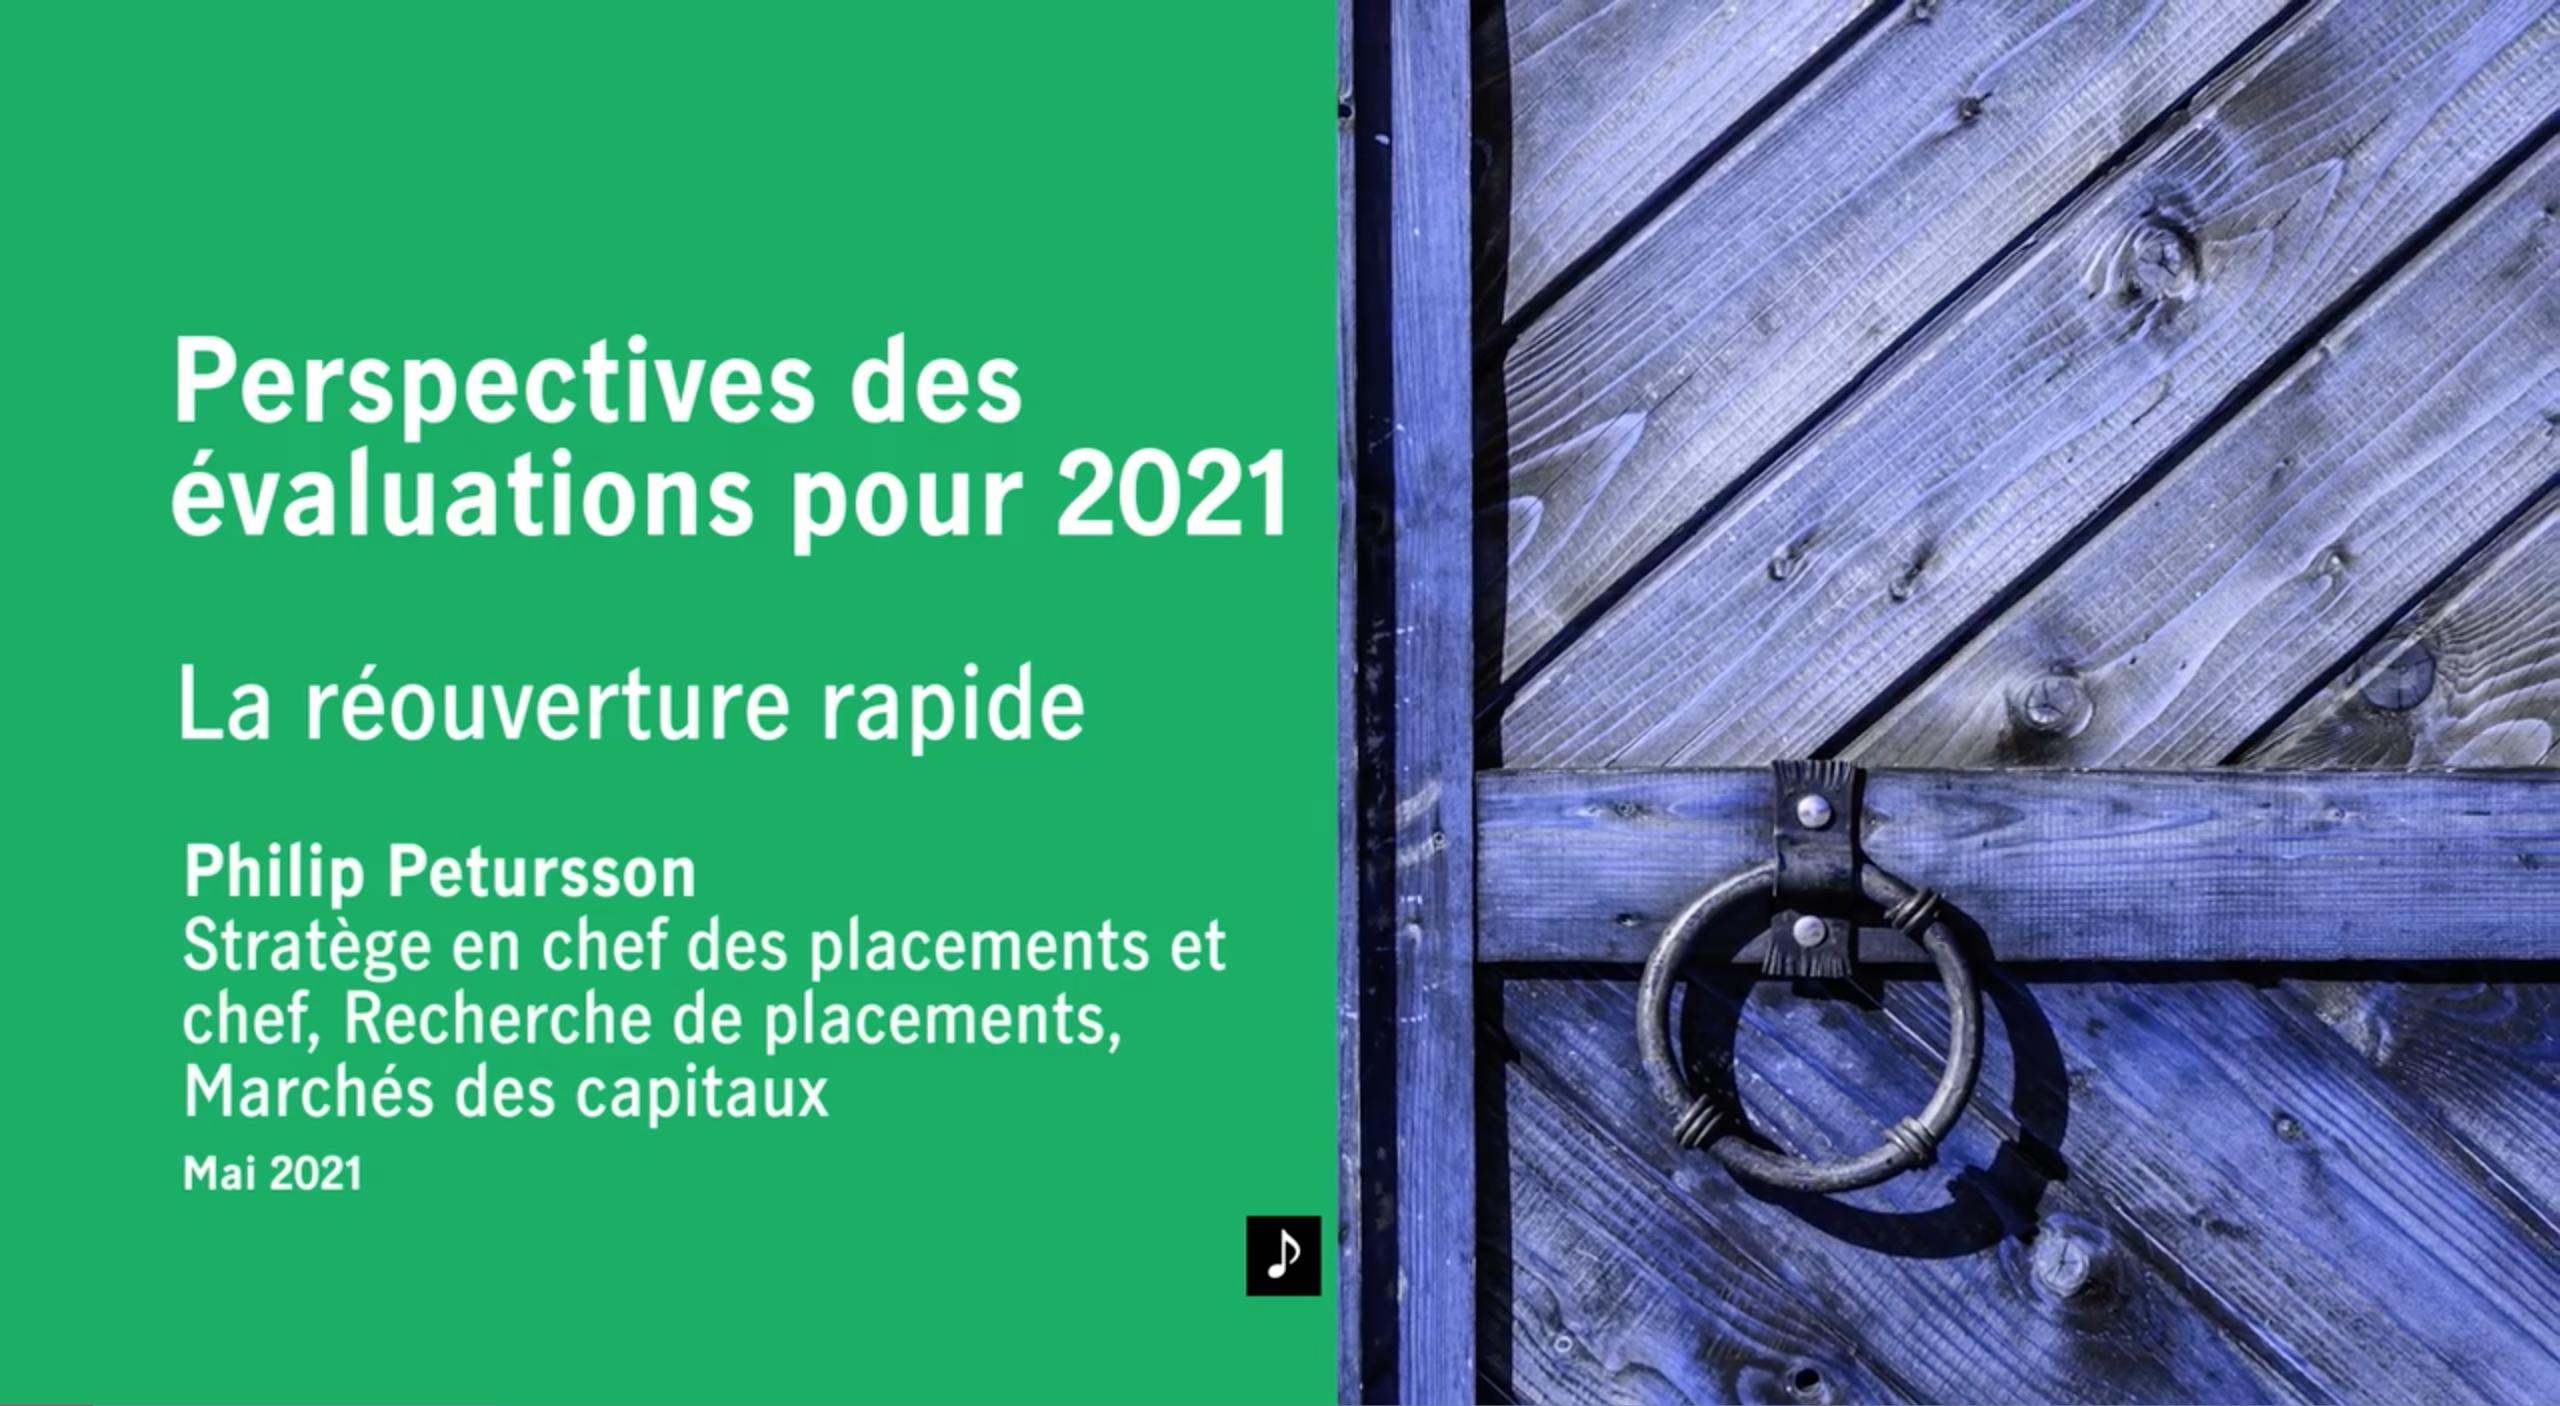 Perspectives des évaluations pour 2021 Thumbnail